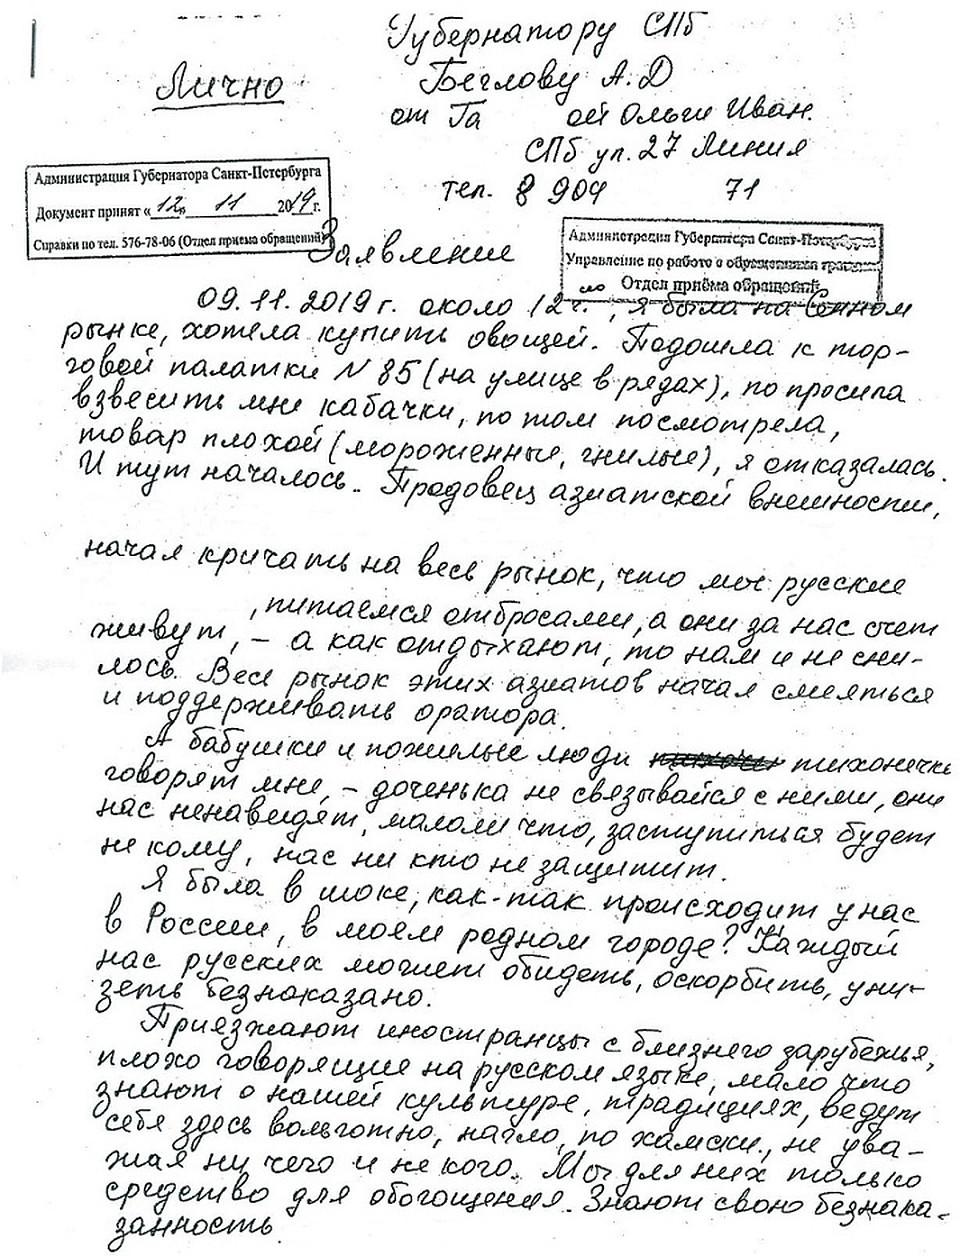 Должностная инструкция начальника транспортного участка